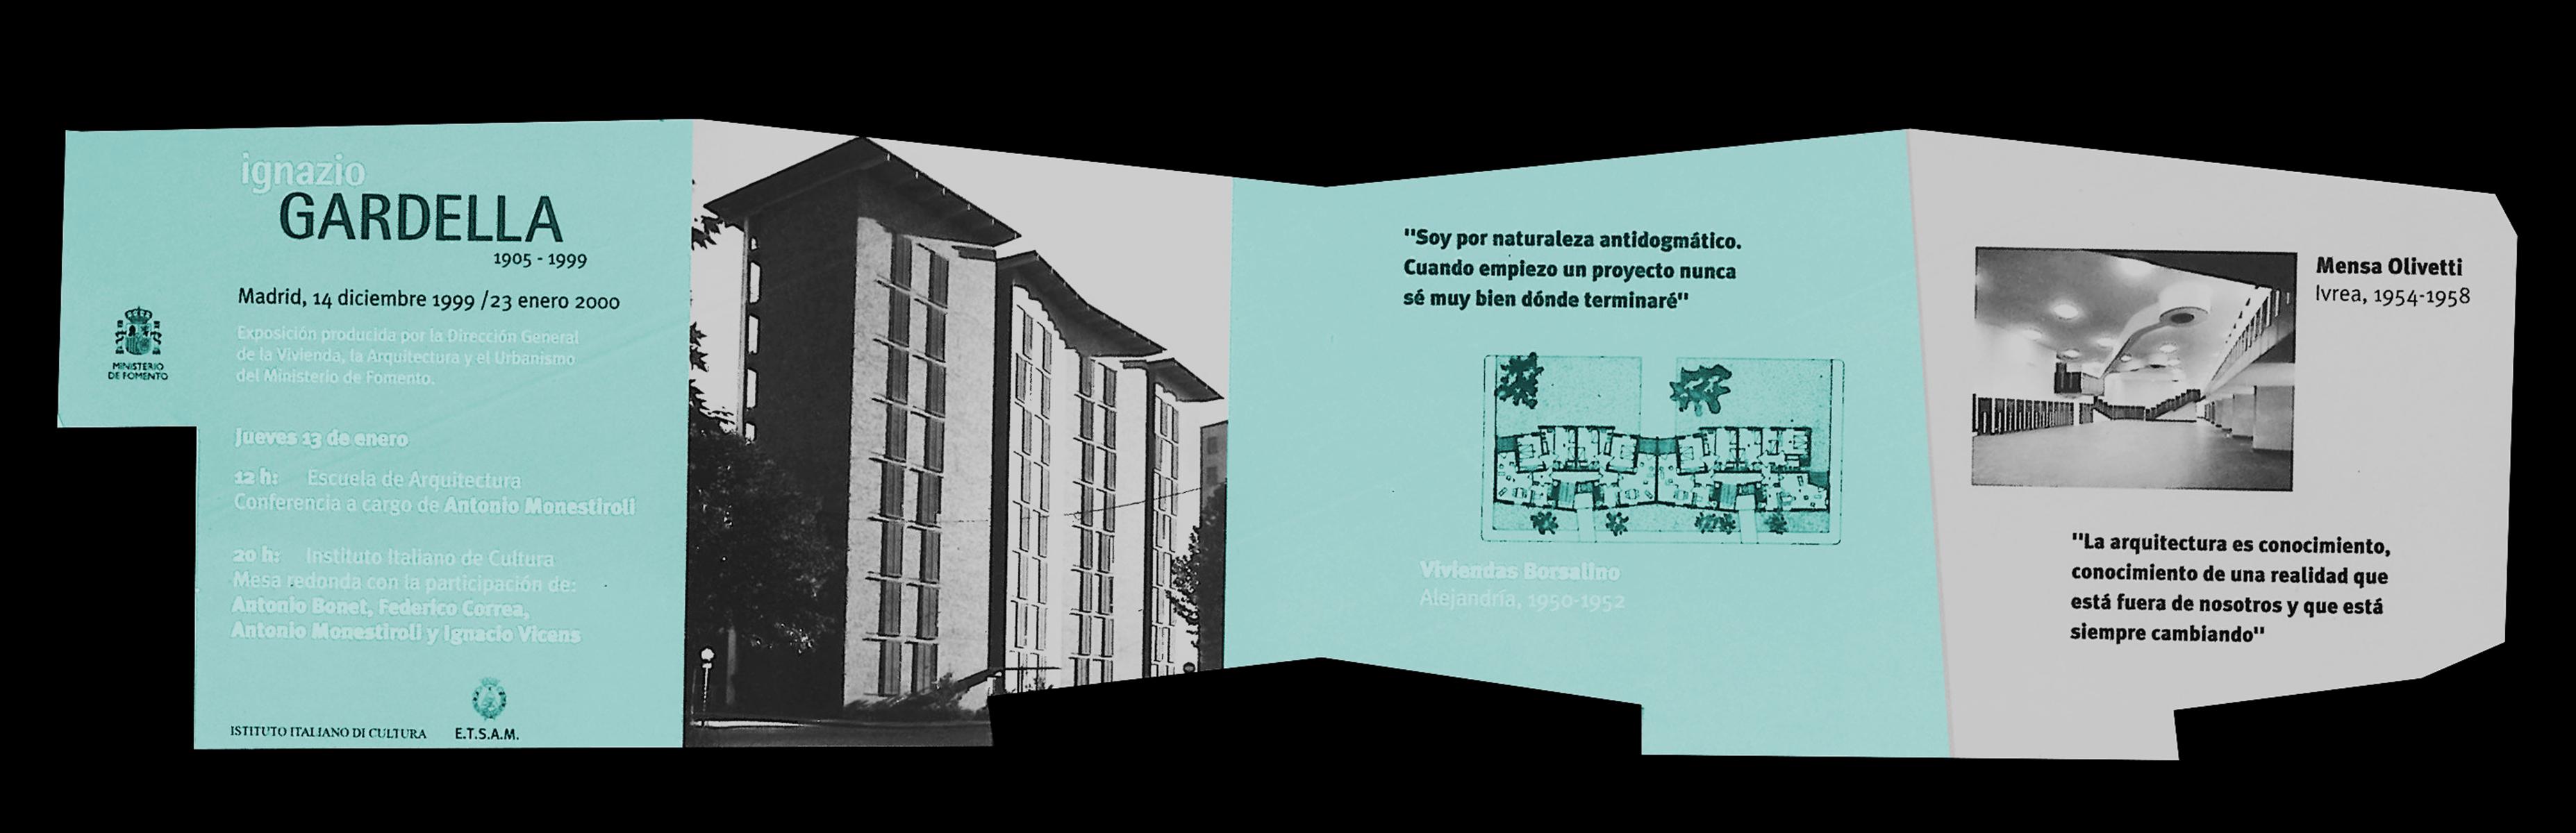 Exposición Ignazio Gardella 1905-1999, Arquitectura a través de un Siglo Blanca Lleó 01f